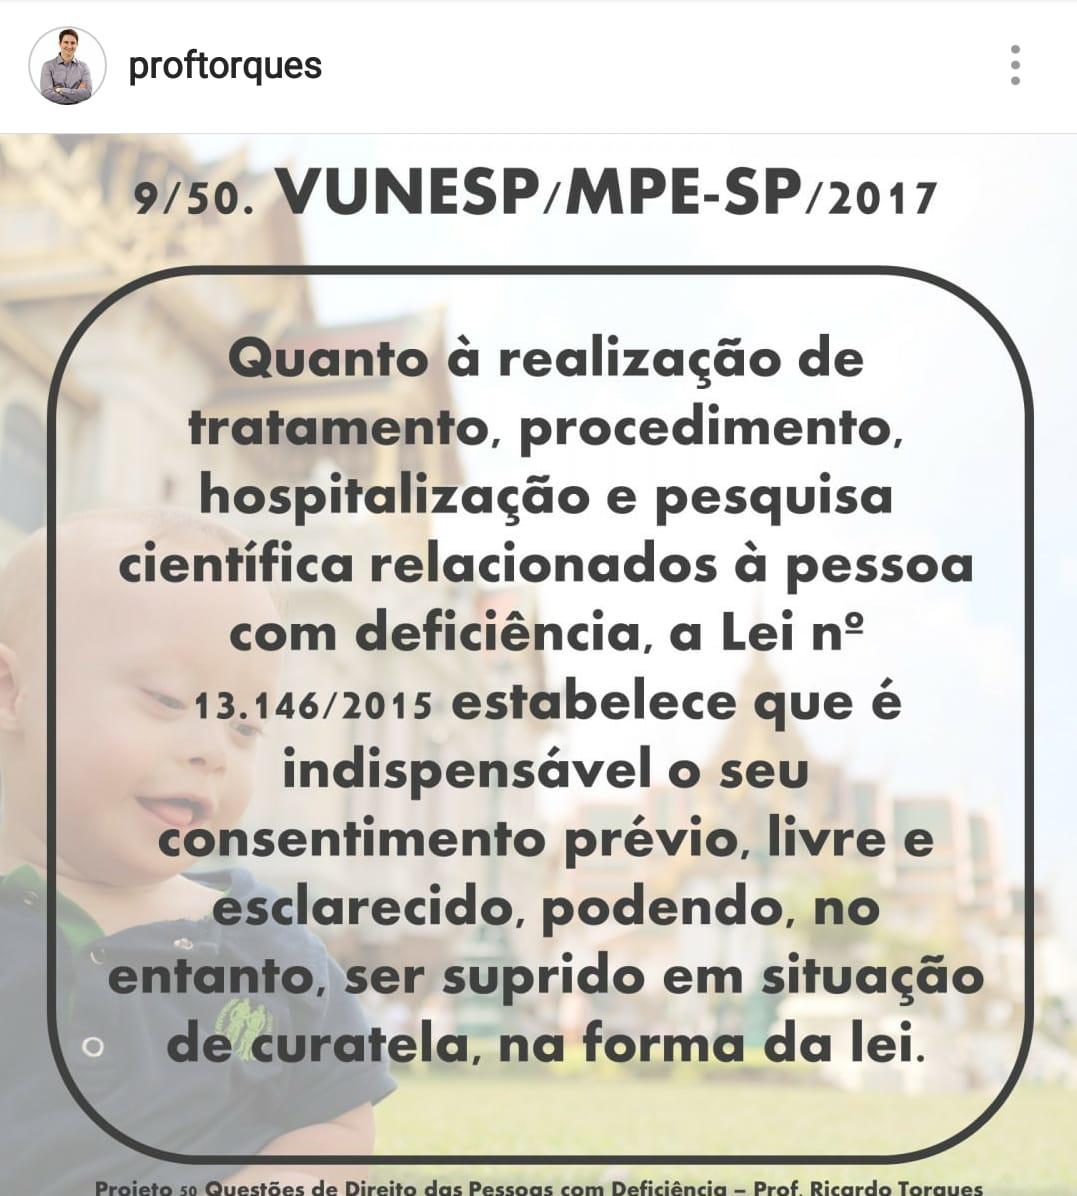 WhatsApp Image 2018-05-31 at 09.29.09